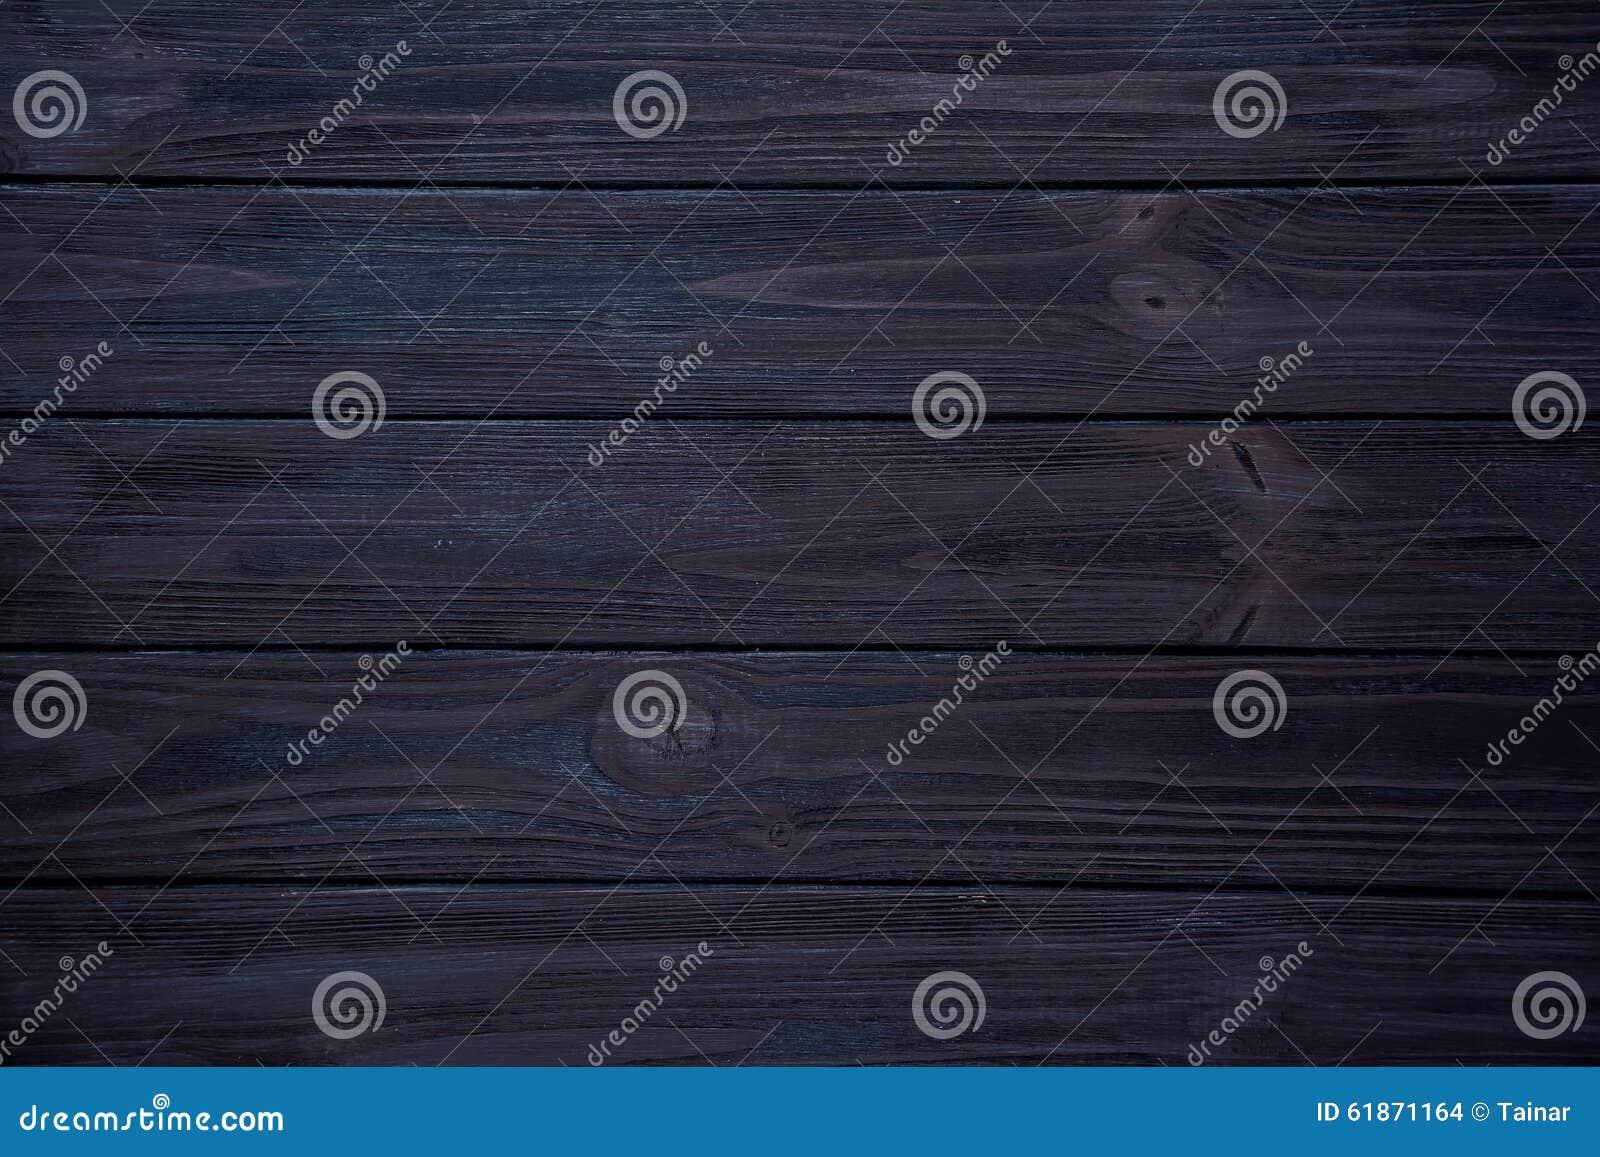 vintage dark blue background - photo #34